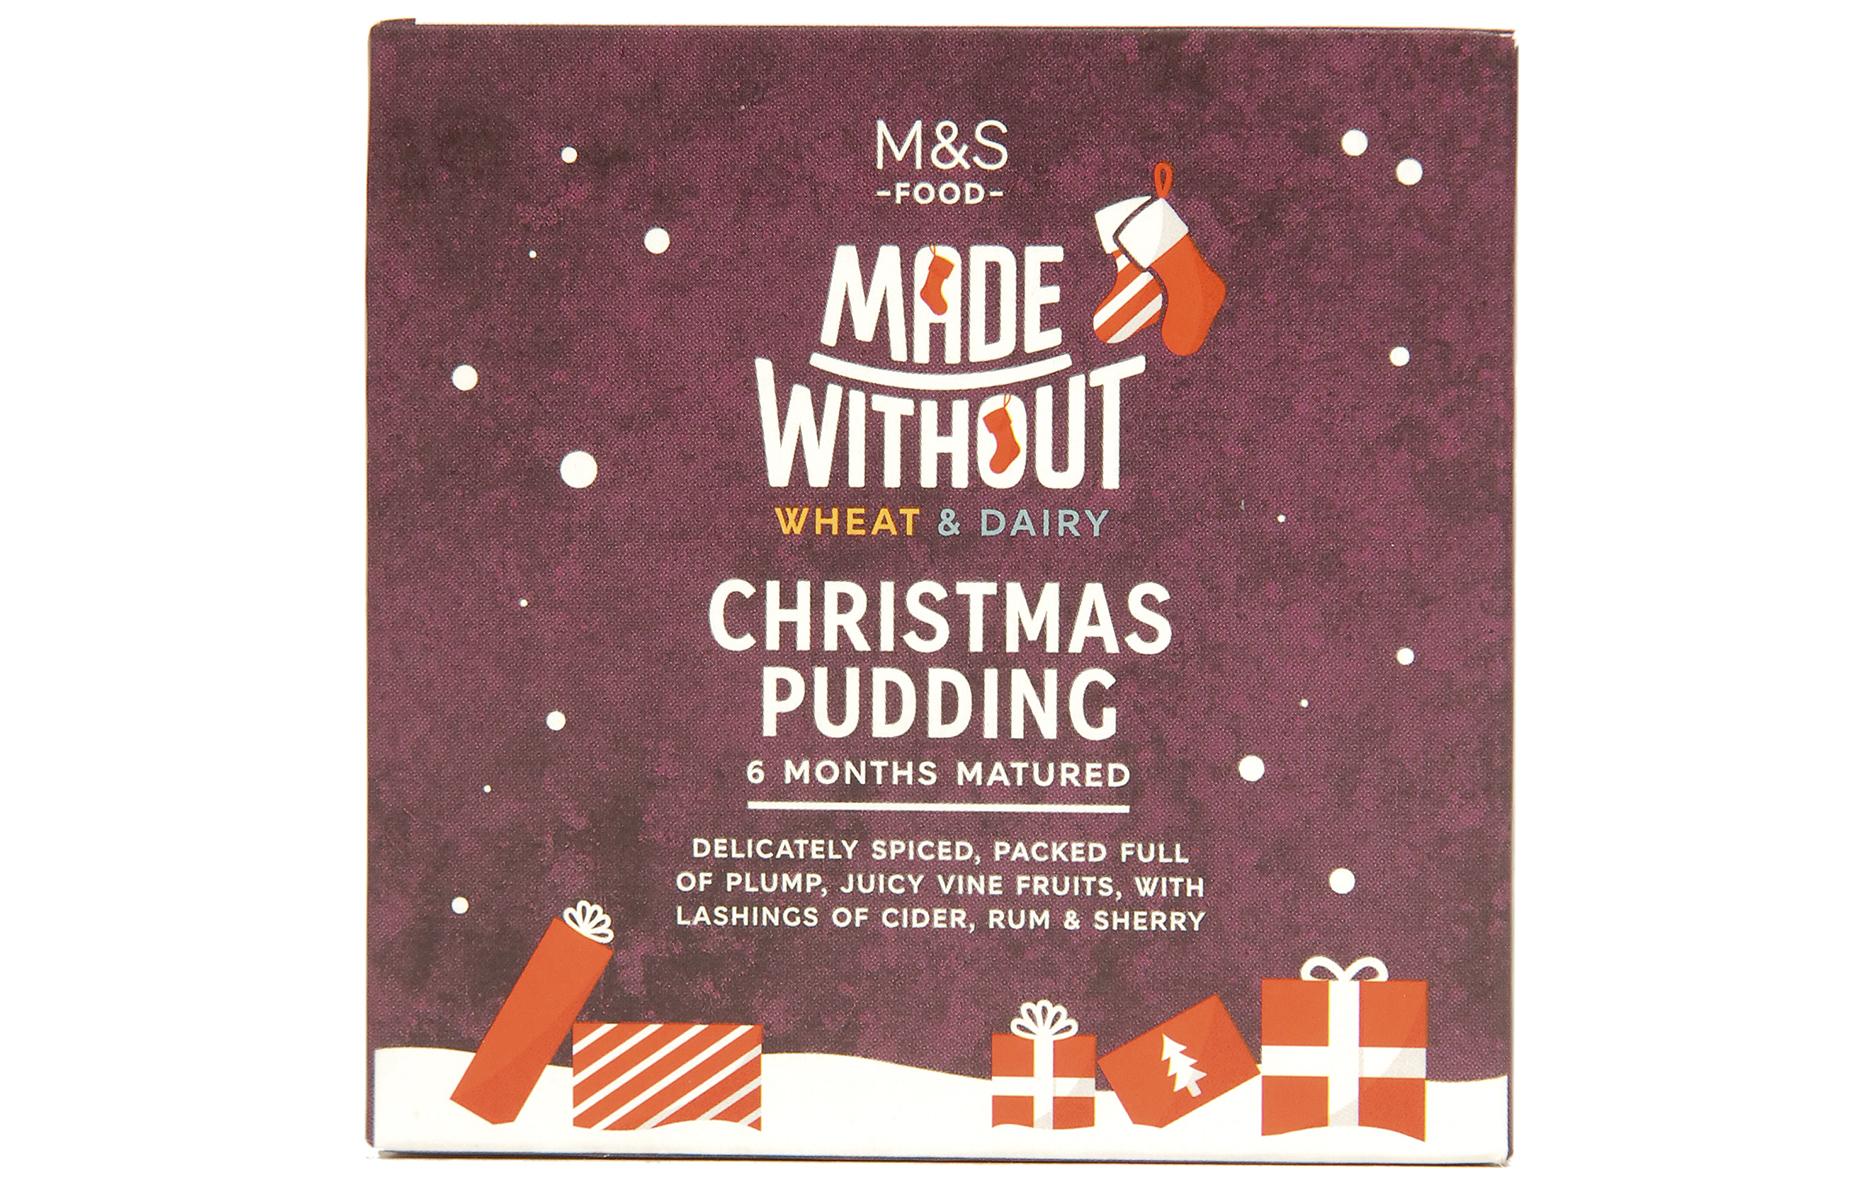 M&S vegan pudding